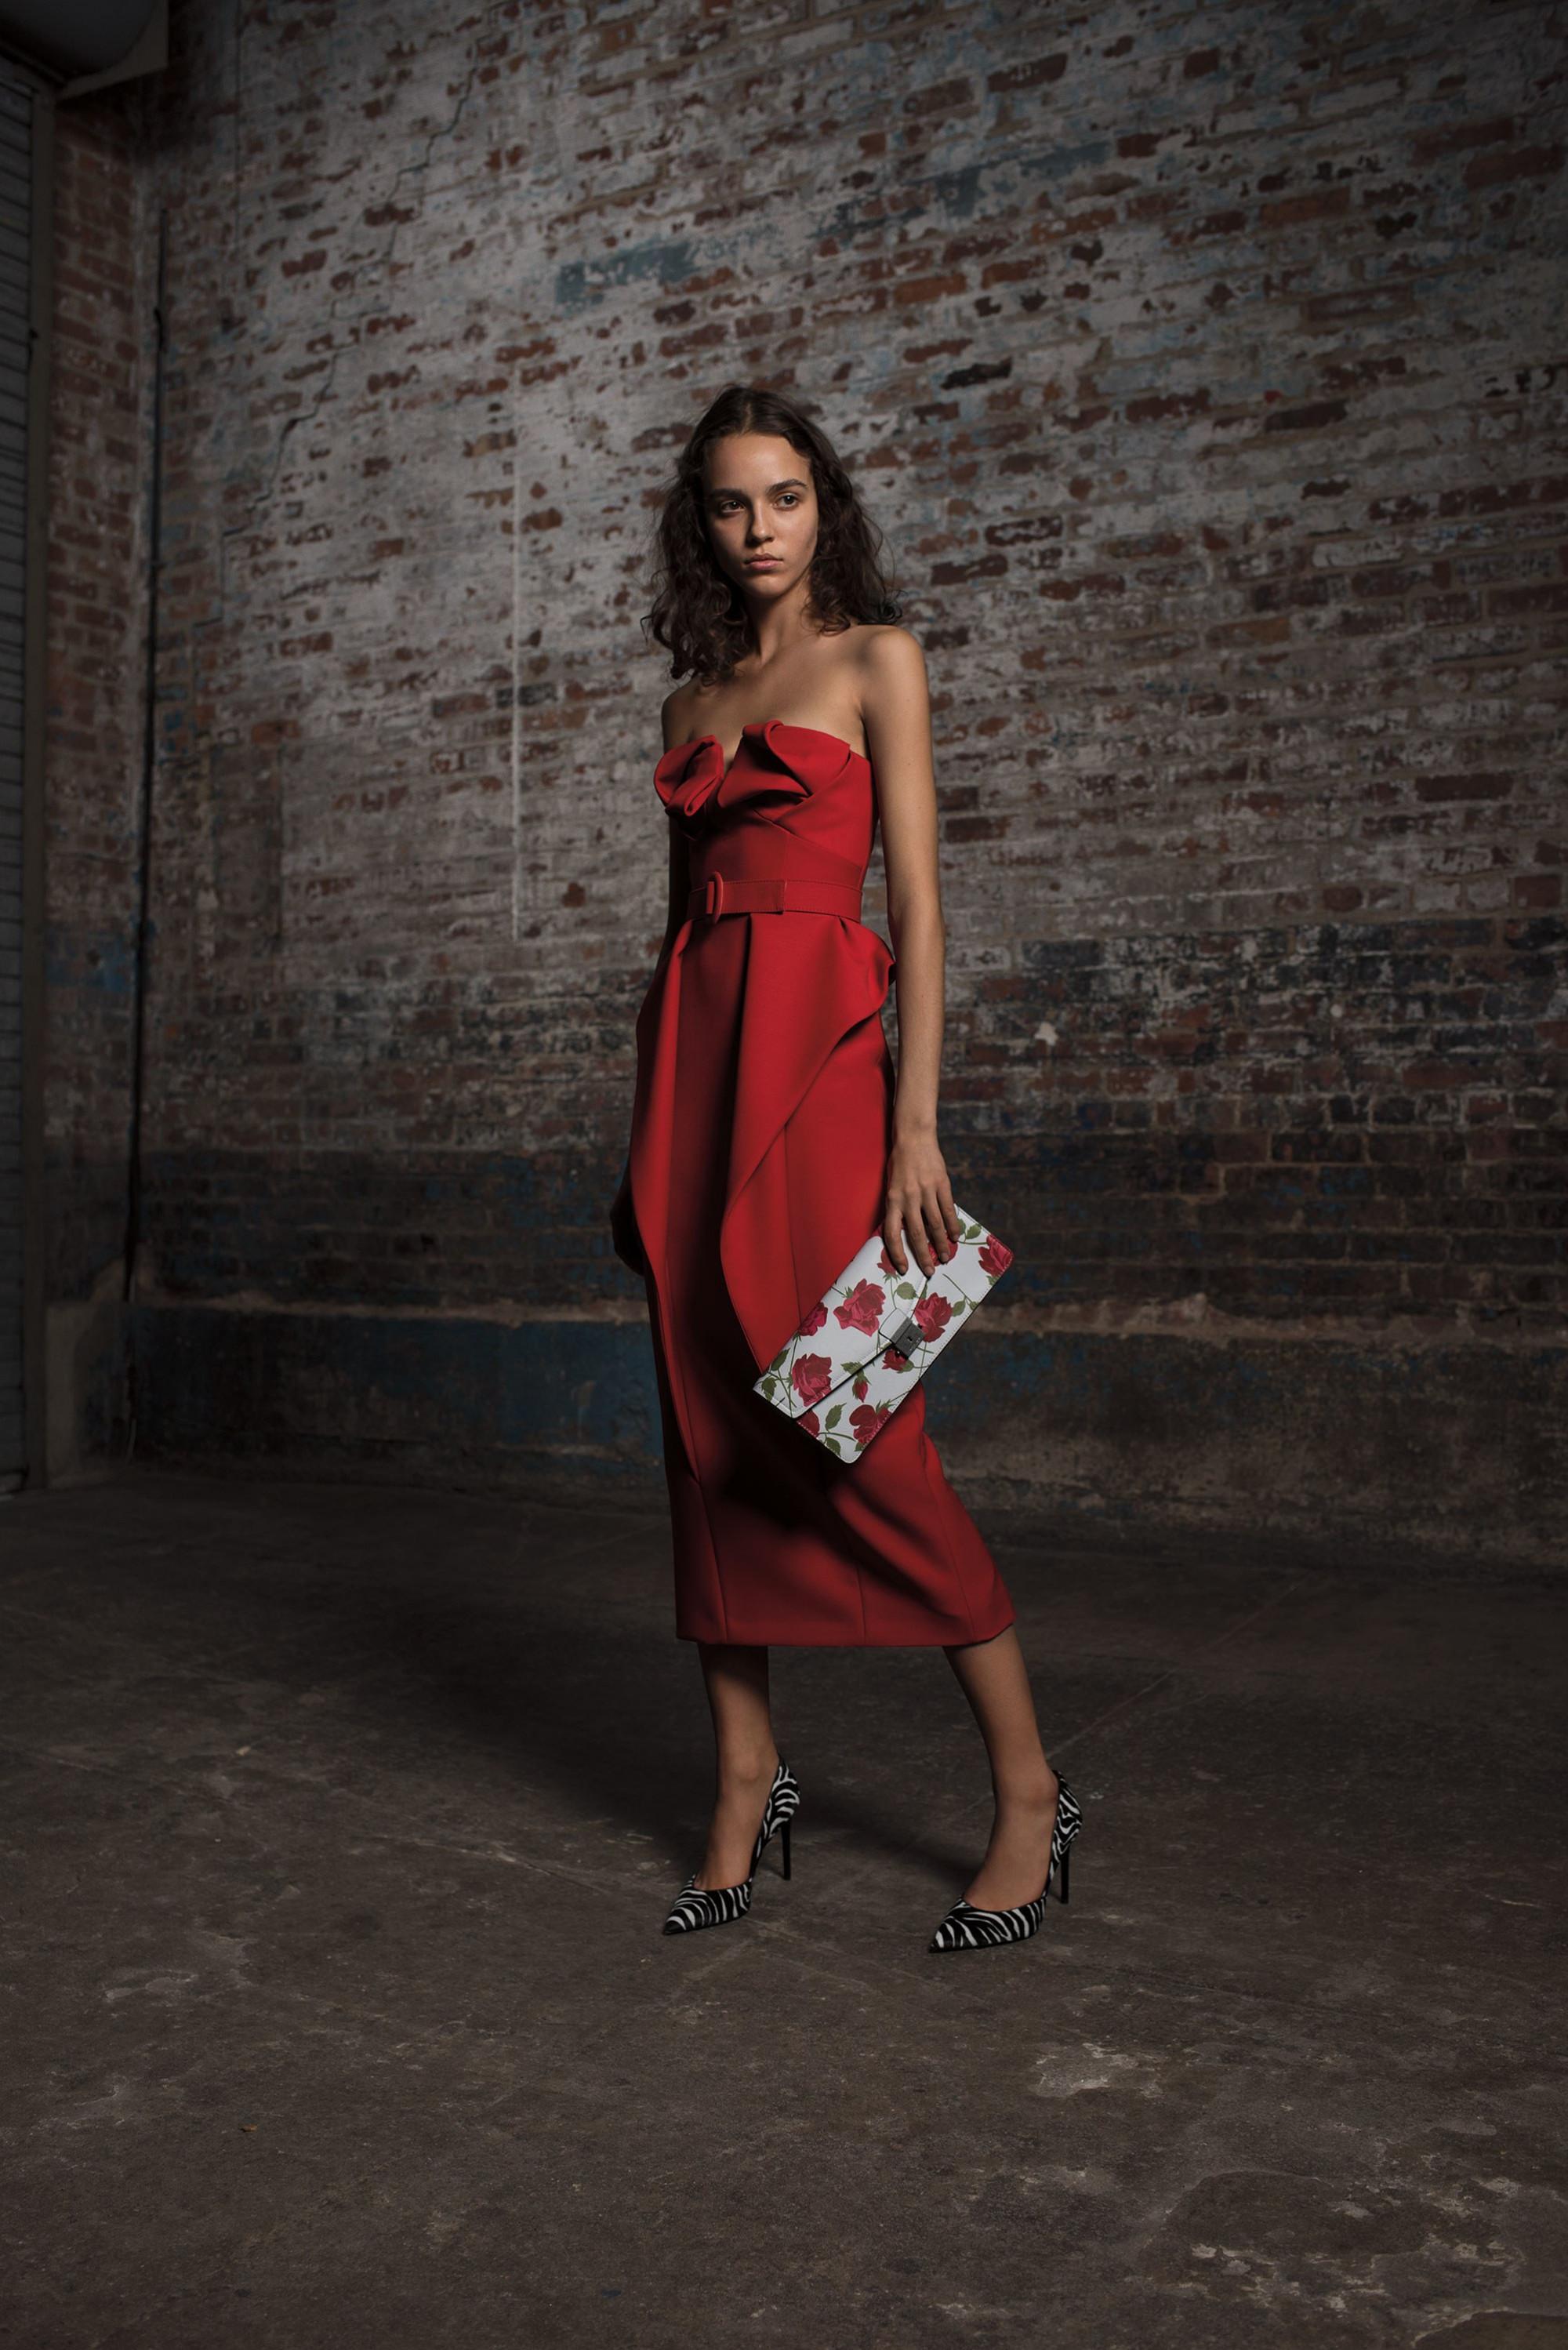 Michael Kors Collection красное удлиненное платье декольте 2018-2019